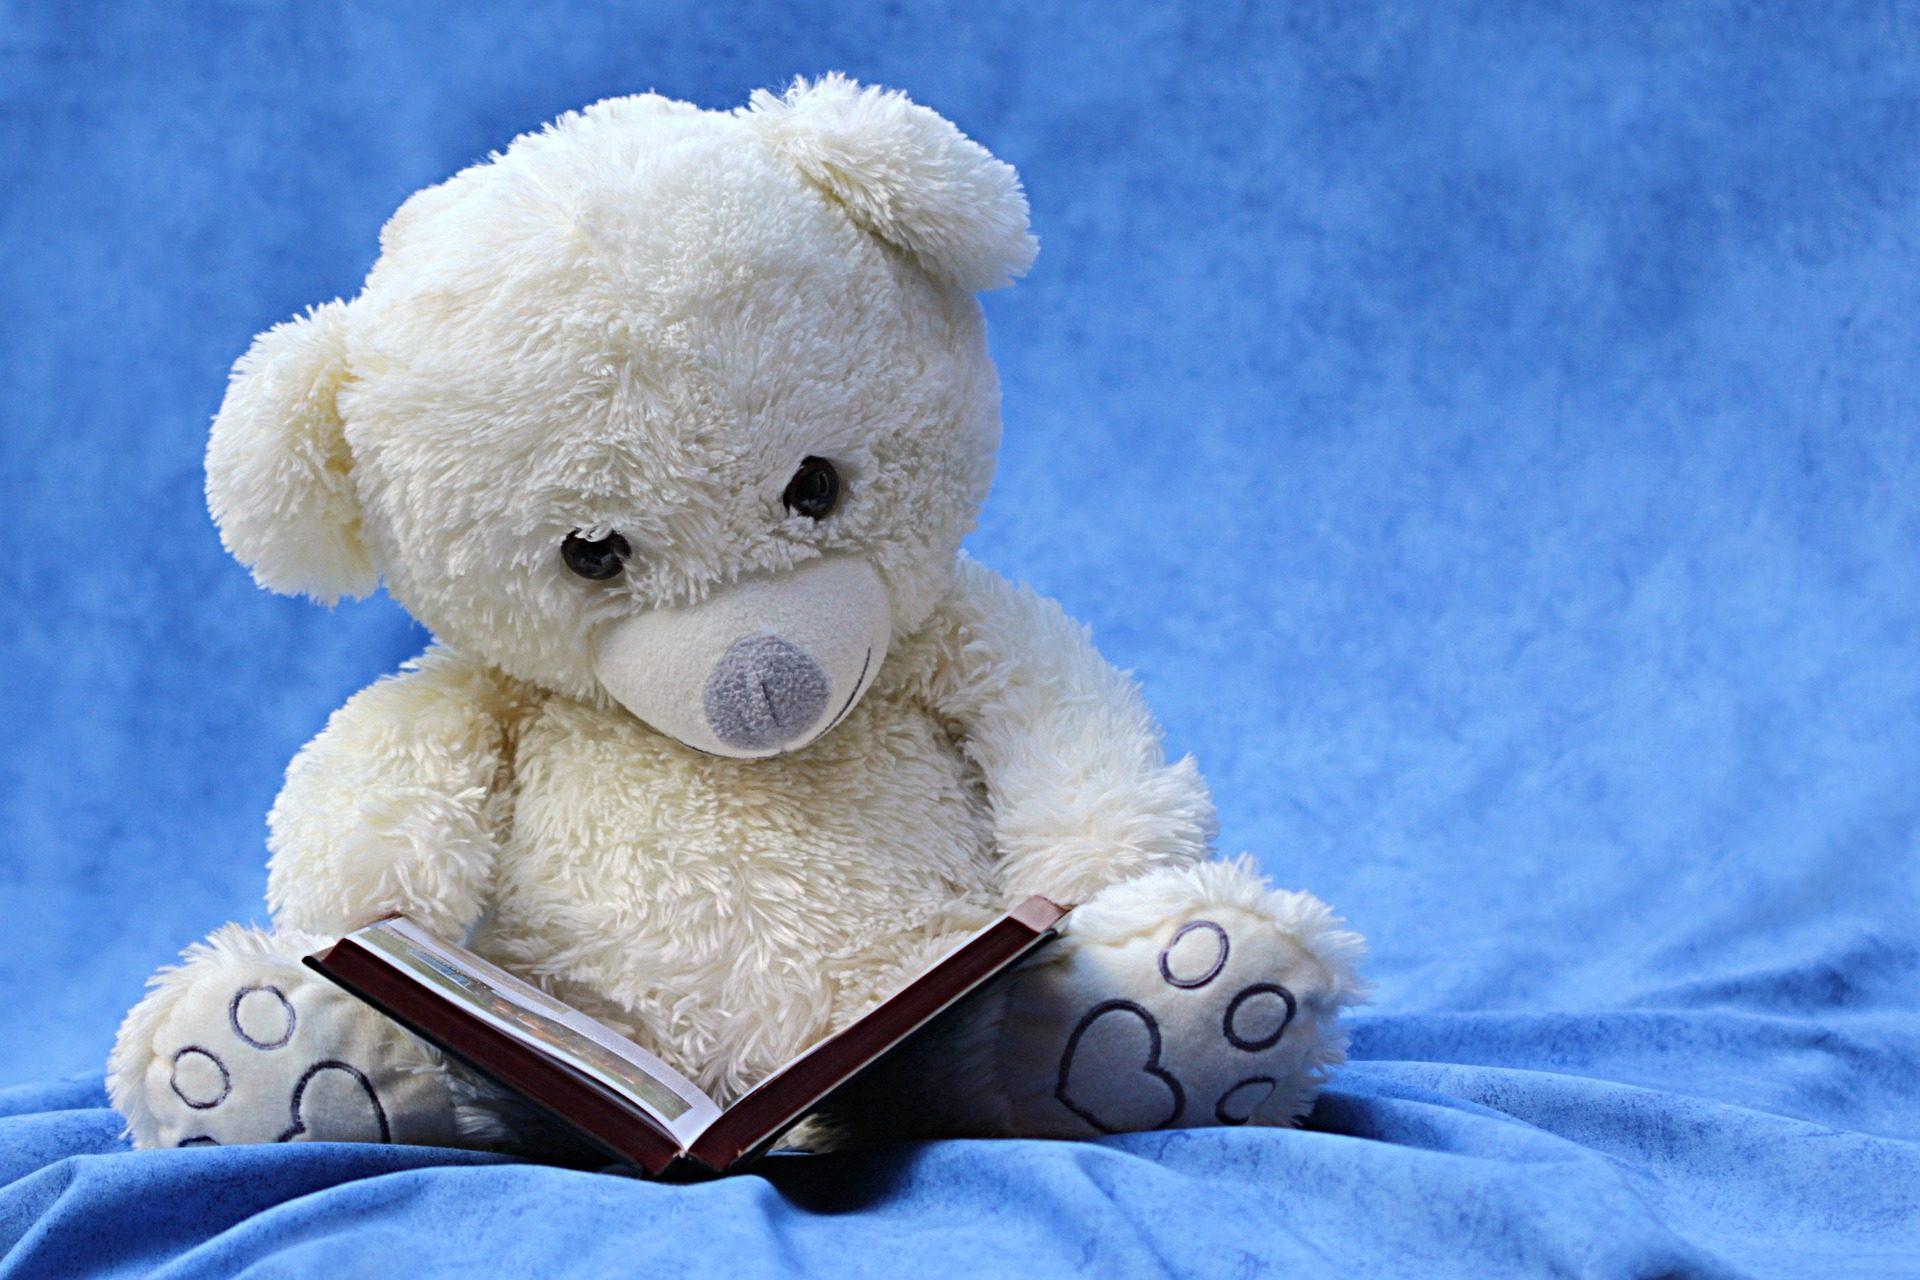 熊, 泰迪, 书, 阅读, 白色 - 高清壁纸 - 教授-falken.com